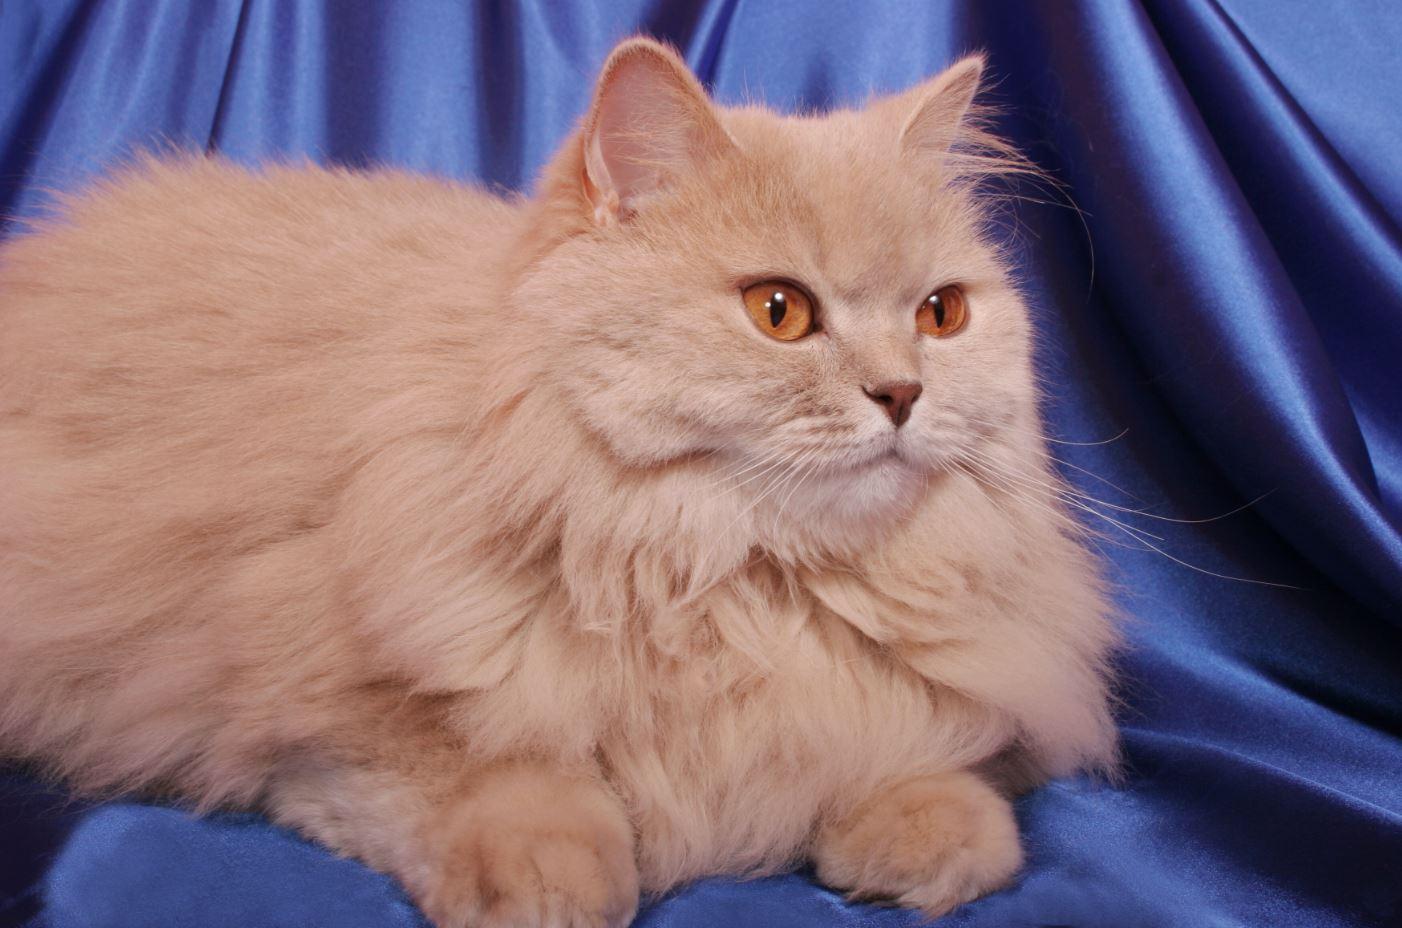 Ảnh mèo anh lông dài màu vàng